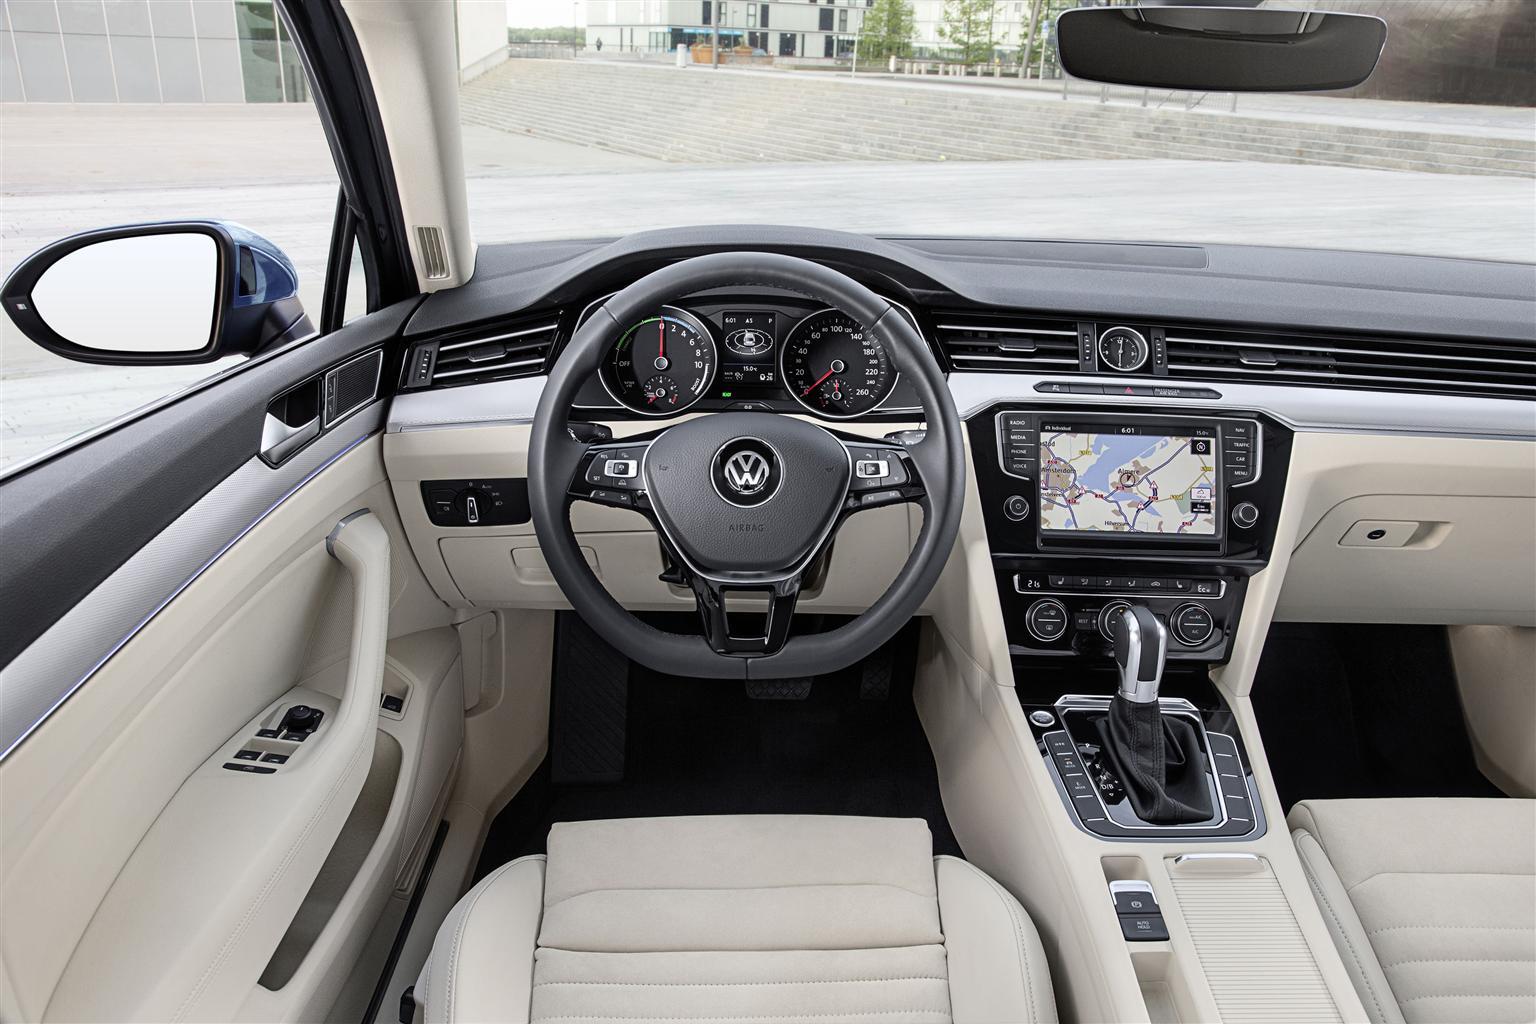 Passat GTE ibrida plug-in con motore 1.4 TSI + motore elettrico da 218 CV 3